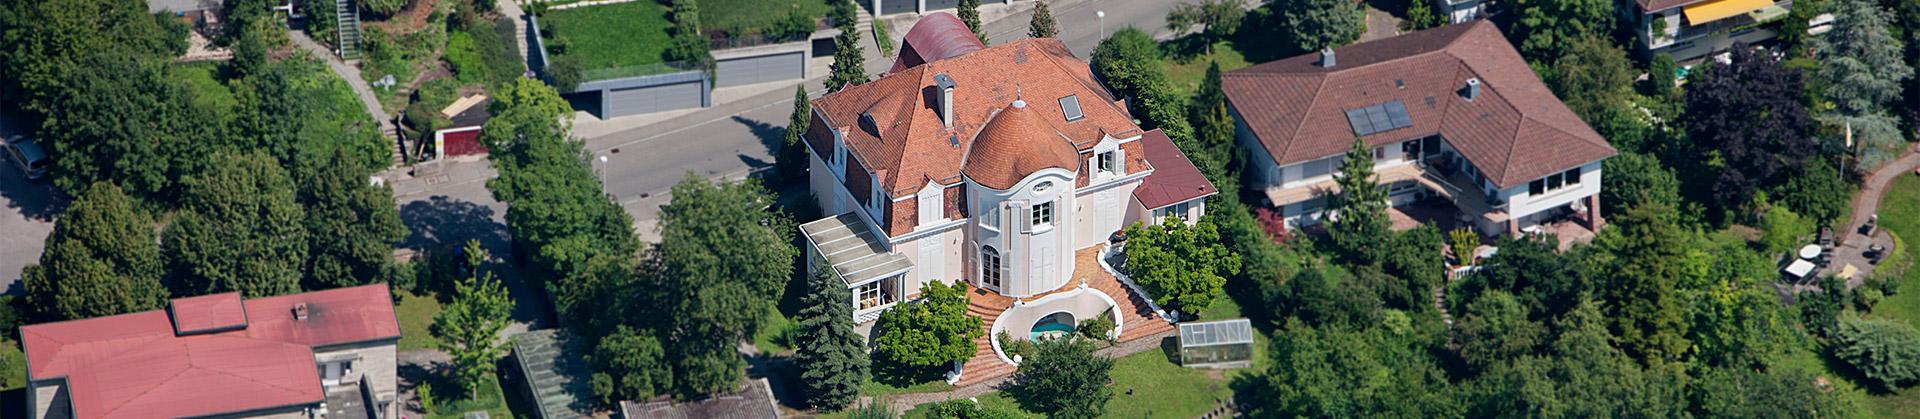 Baumann-Immobilien-Haus